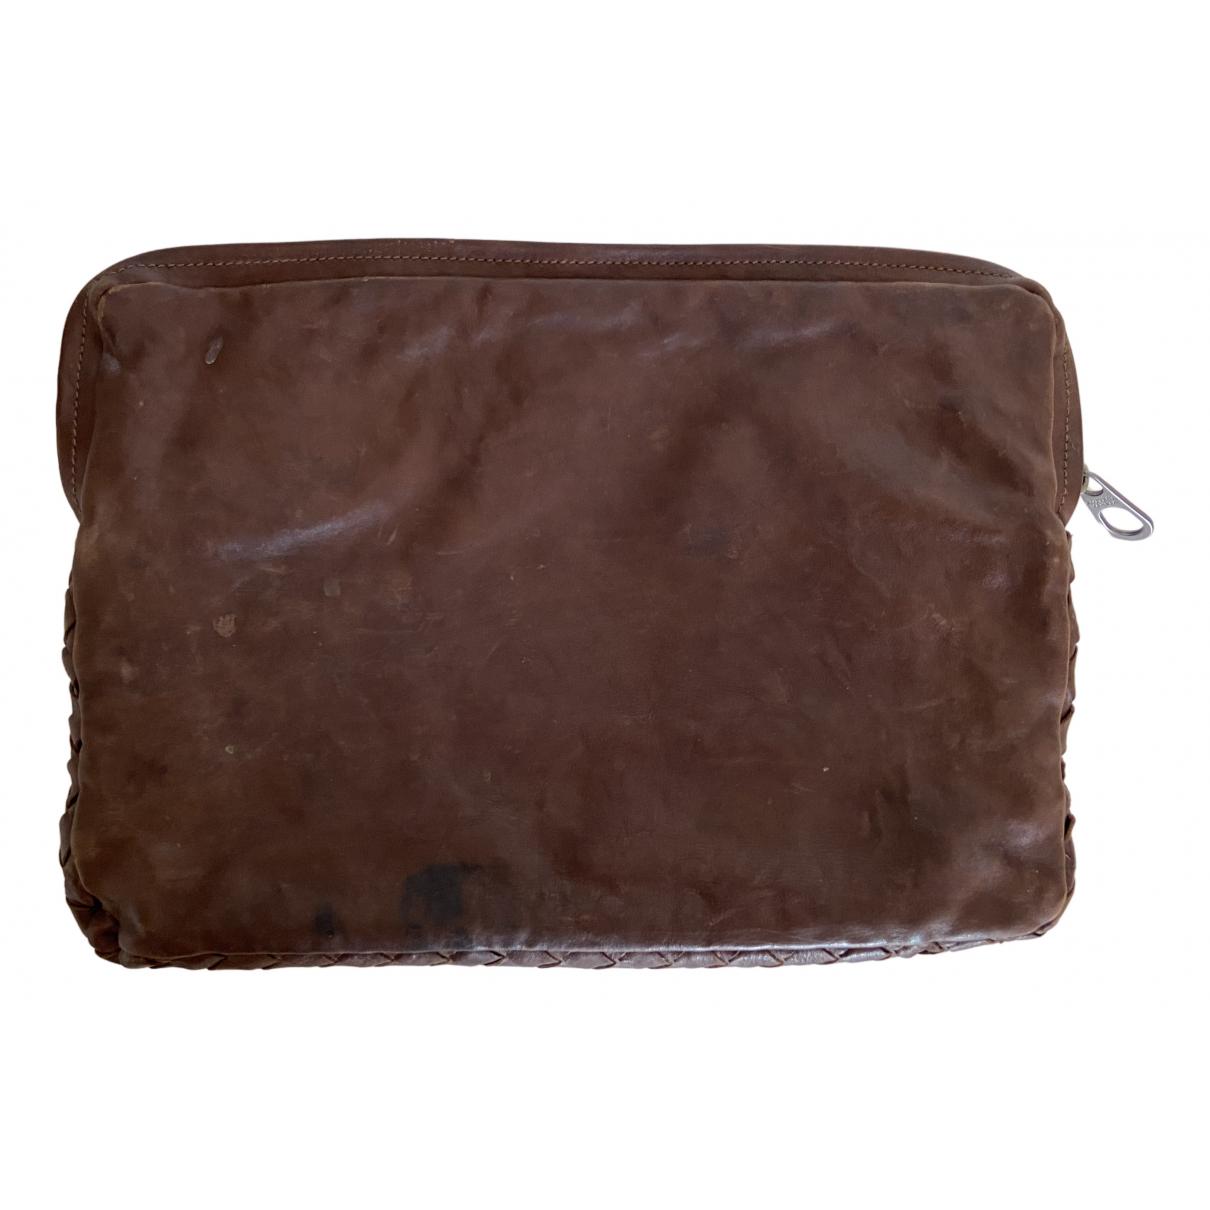 Bottega Veneta - Petite maroquinerie   pour homme en cuir - marron